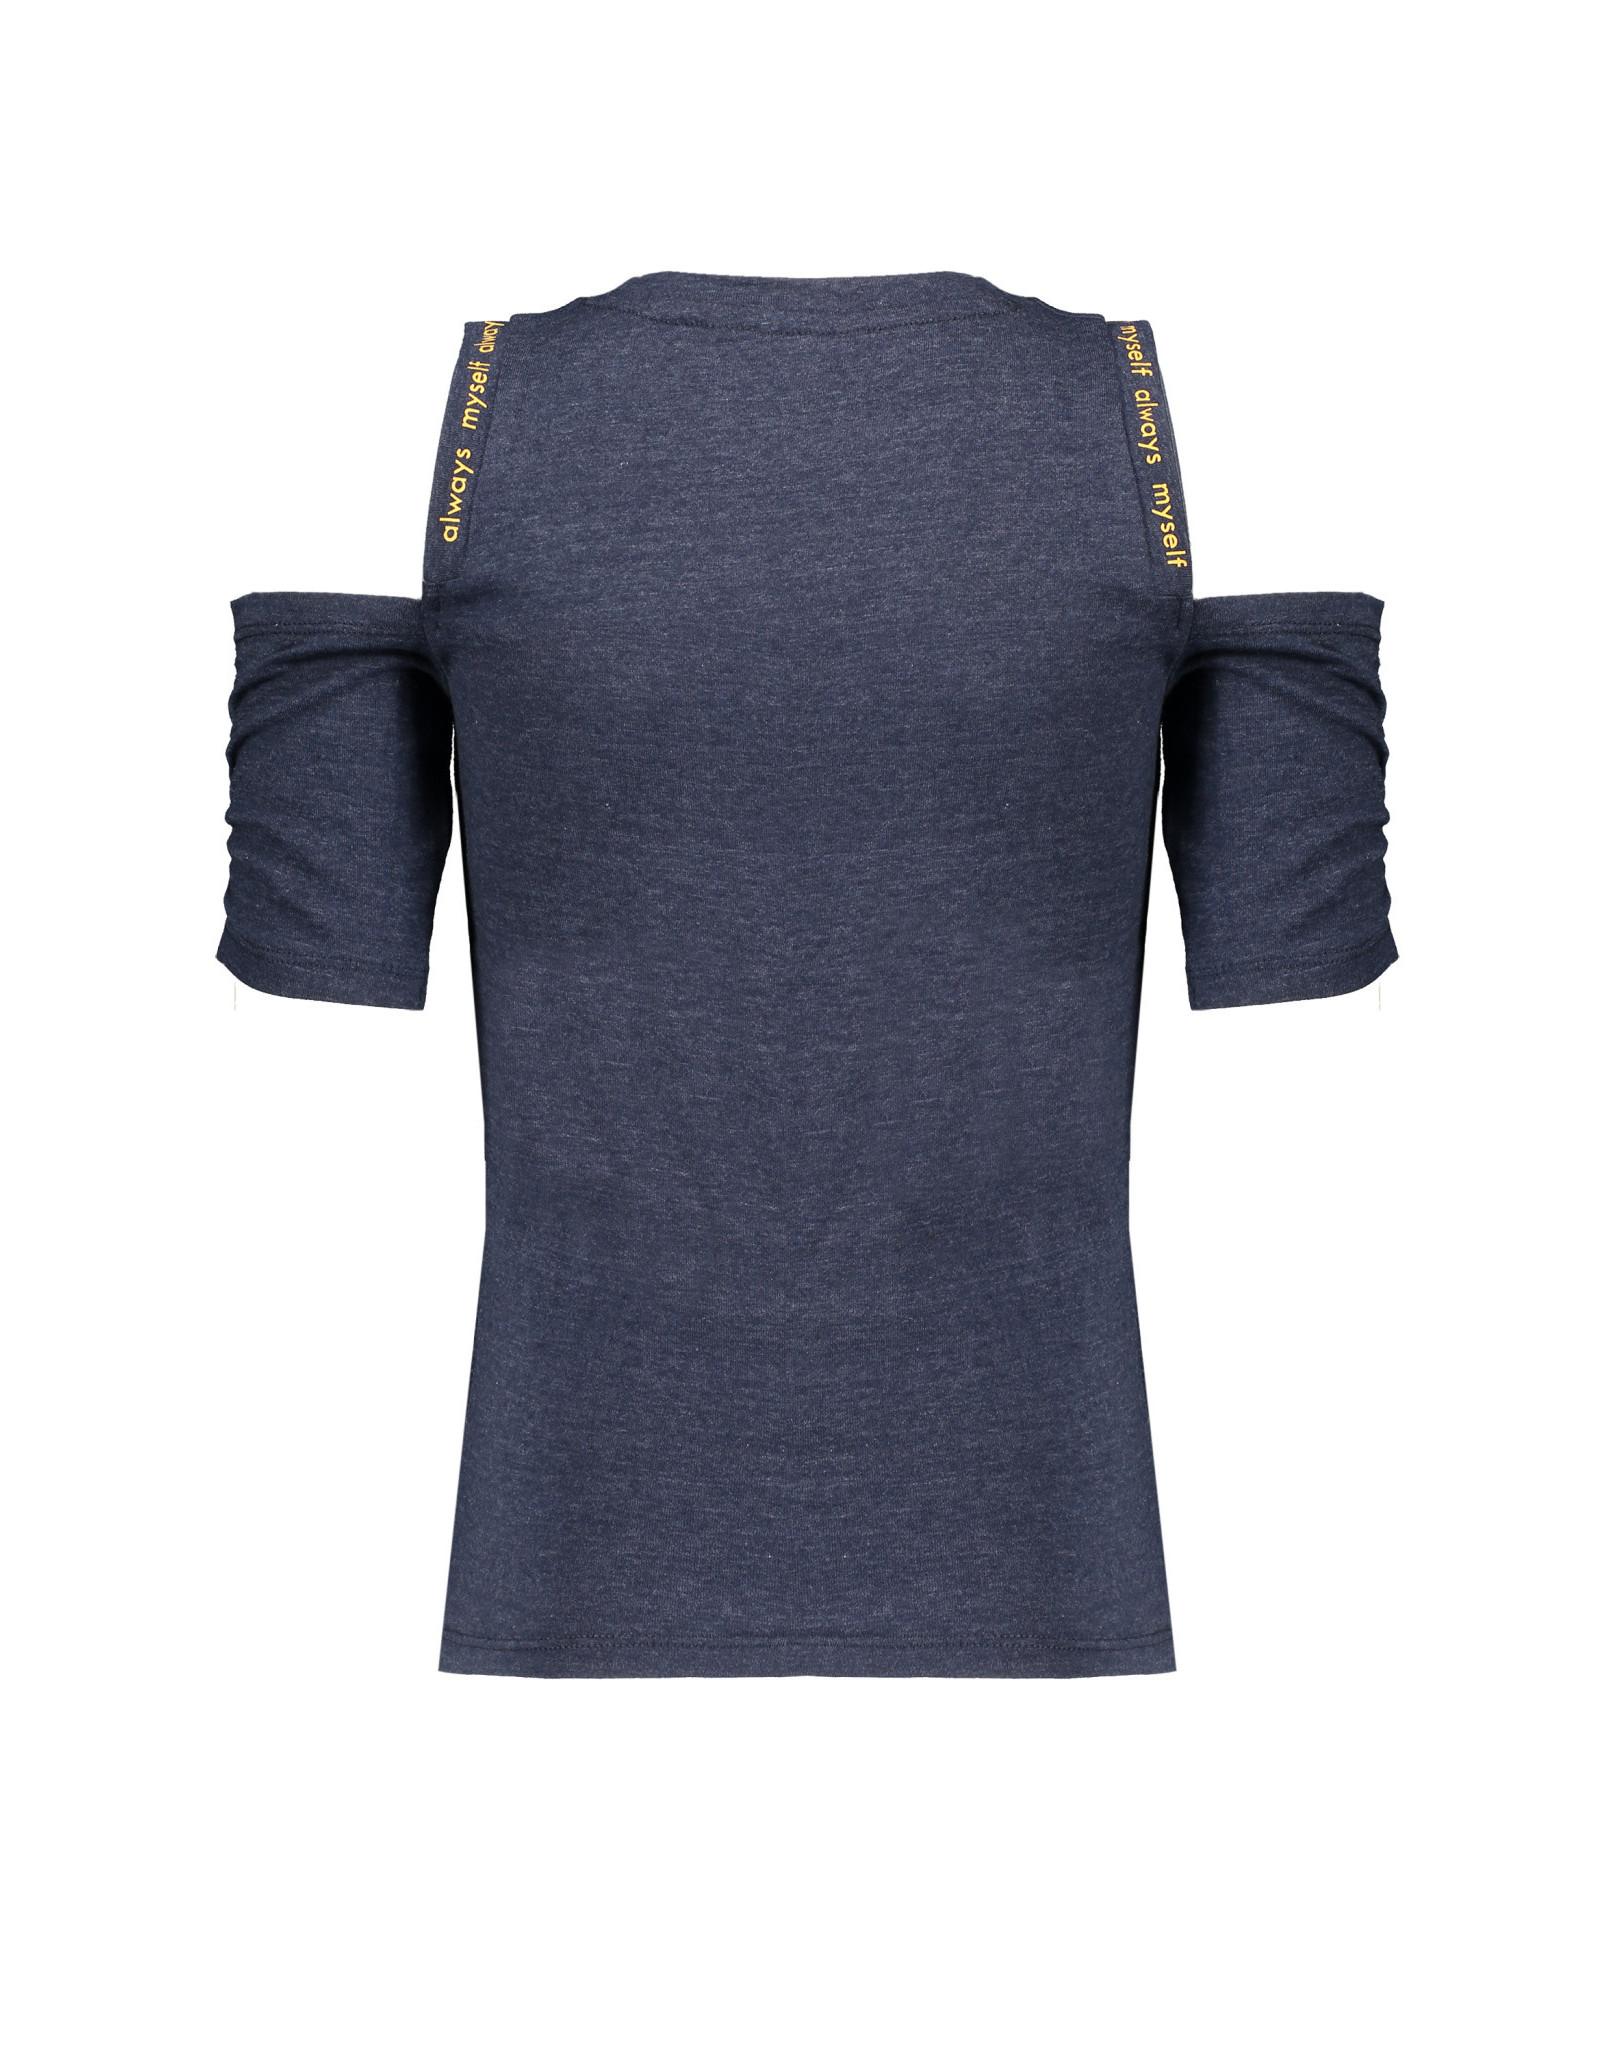 NoBell meiden jersey t-shirt met open schouders Keddy Grey Navy